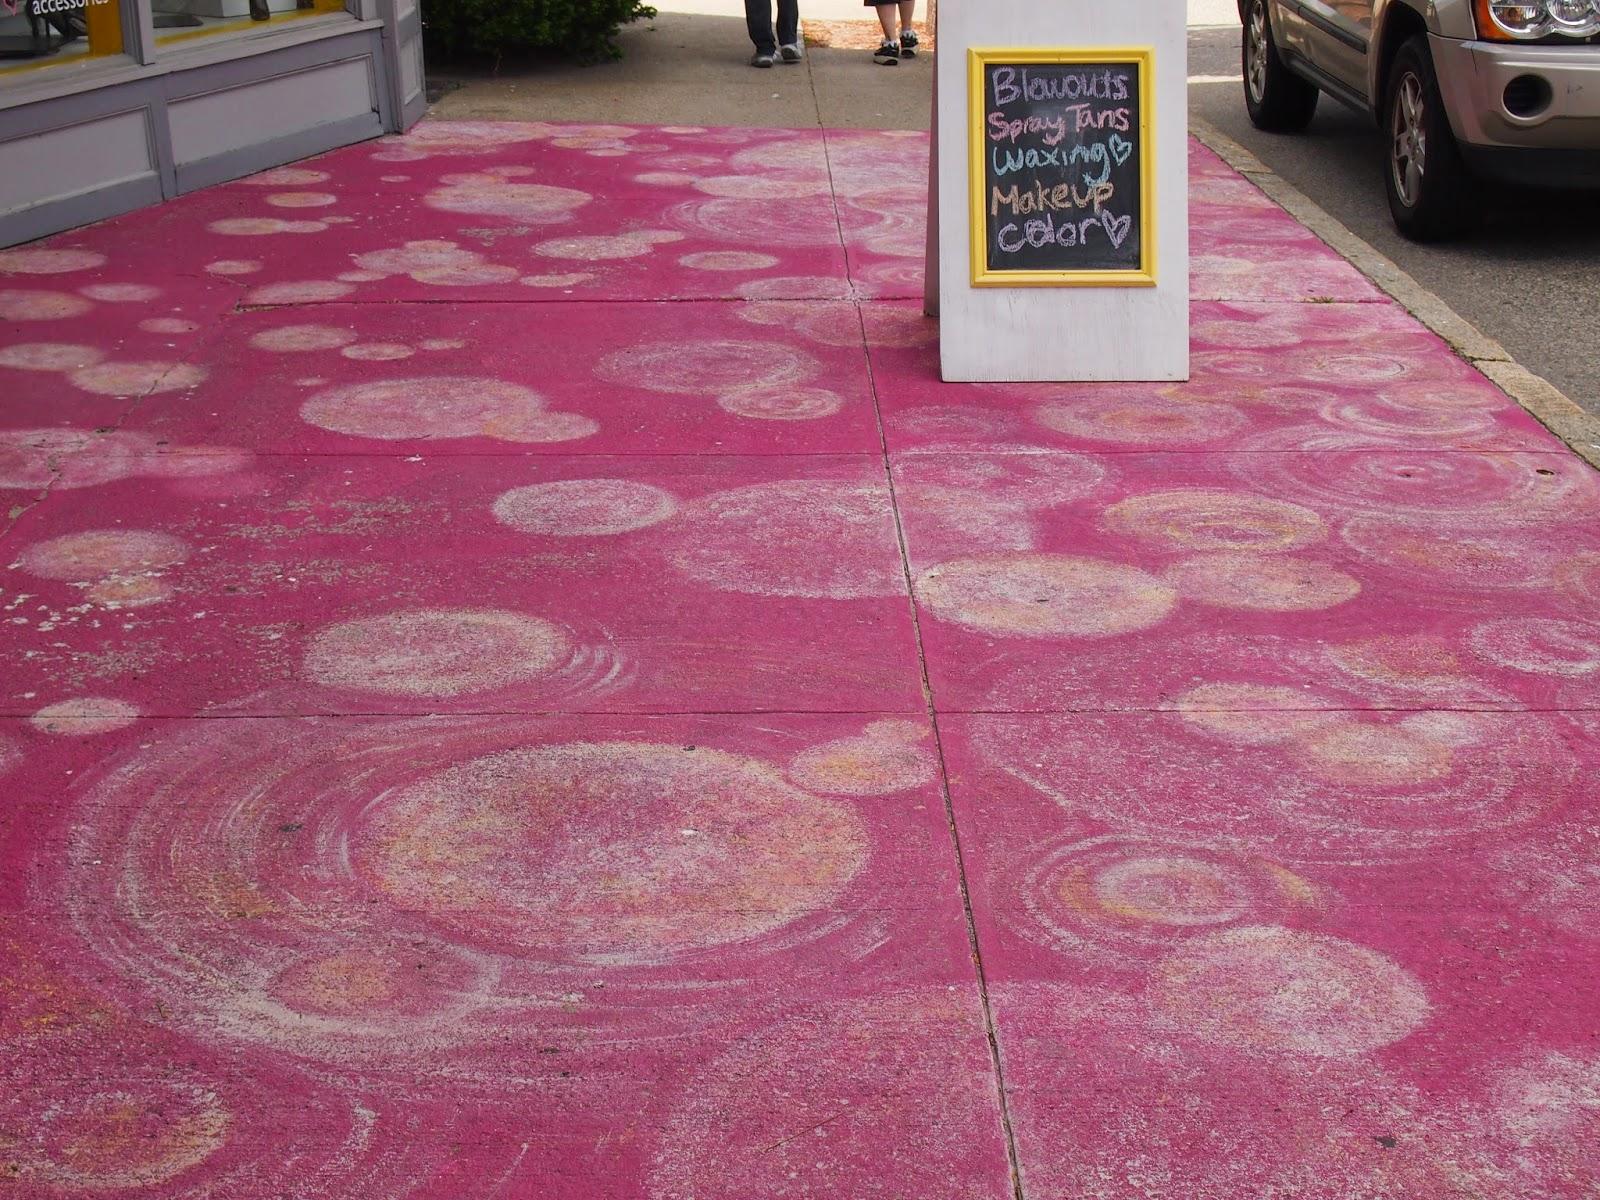 painted sidewalks in east greenwich rhode island